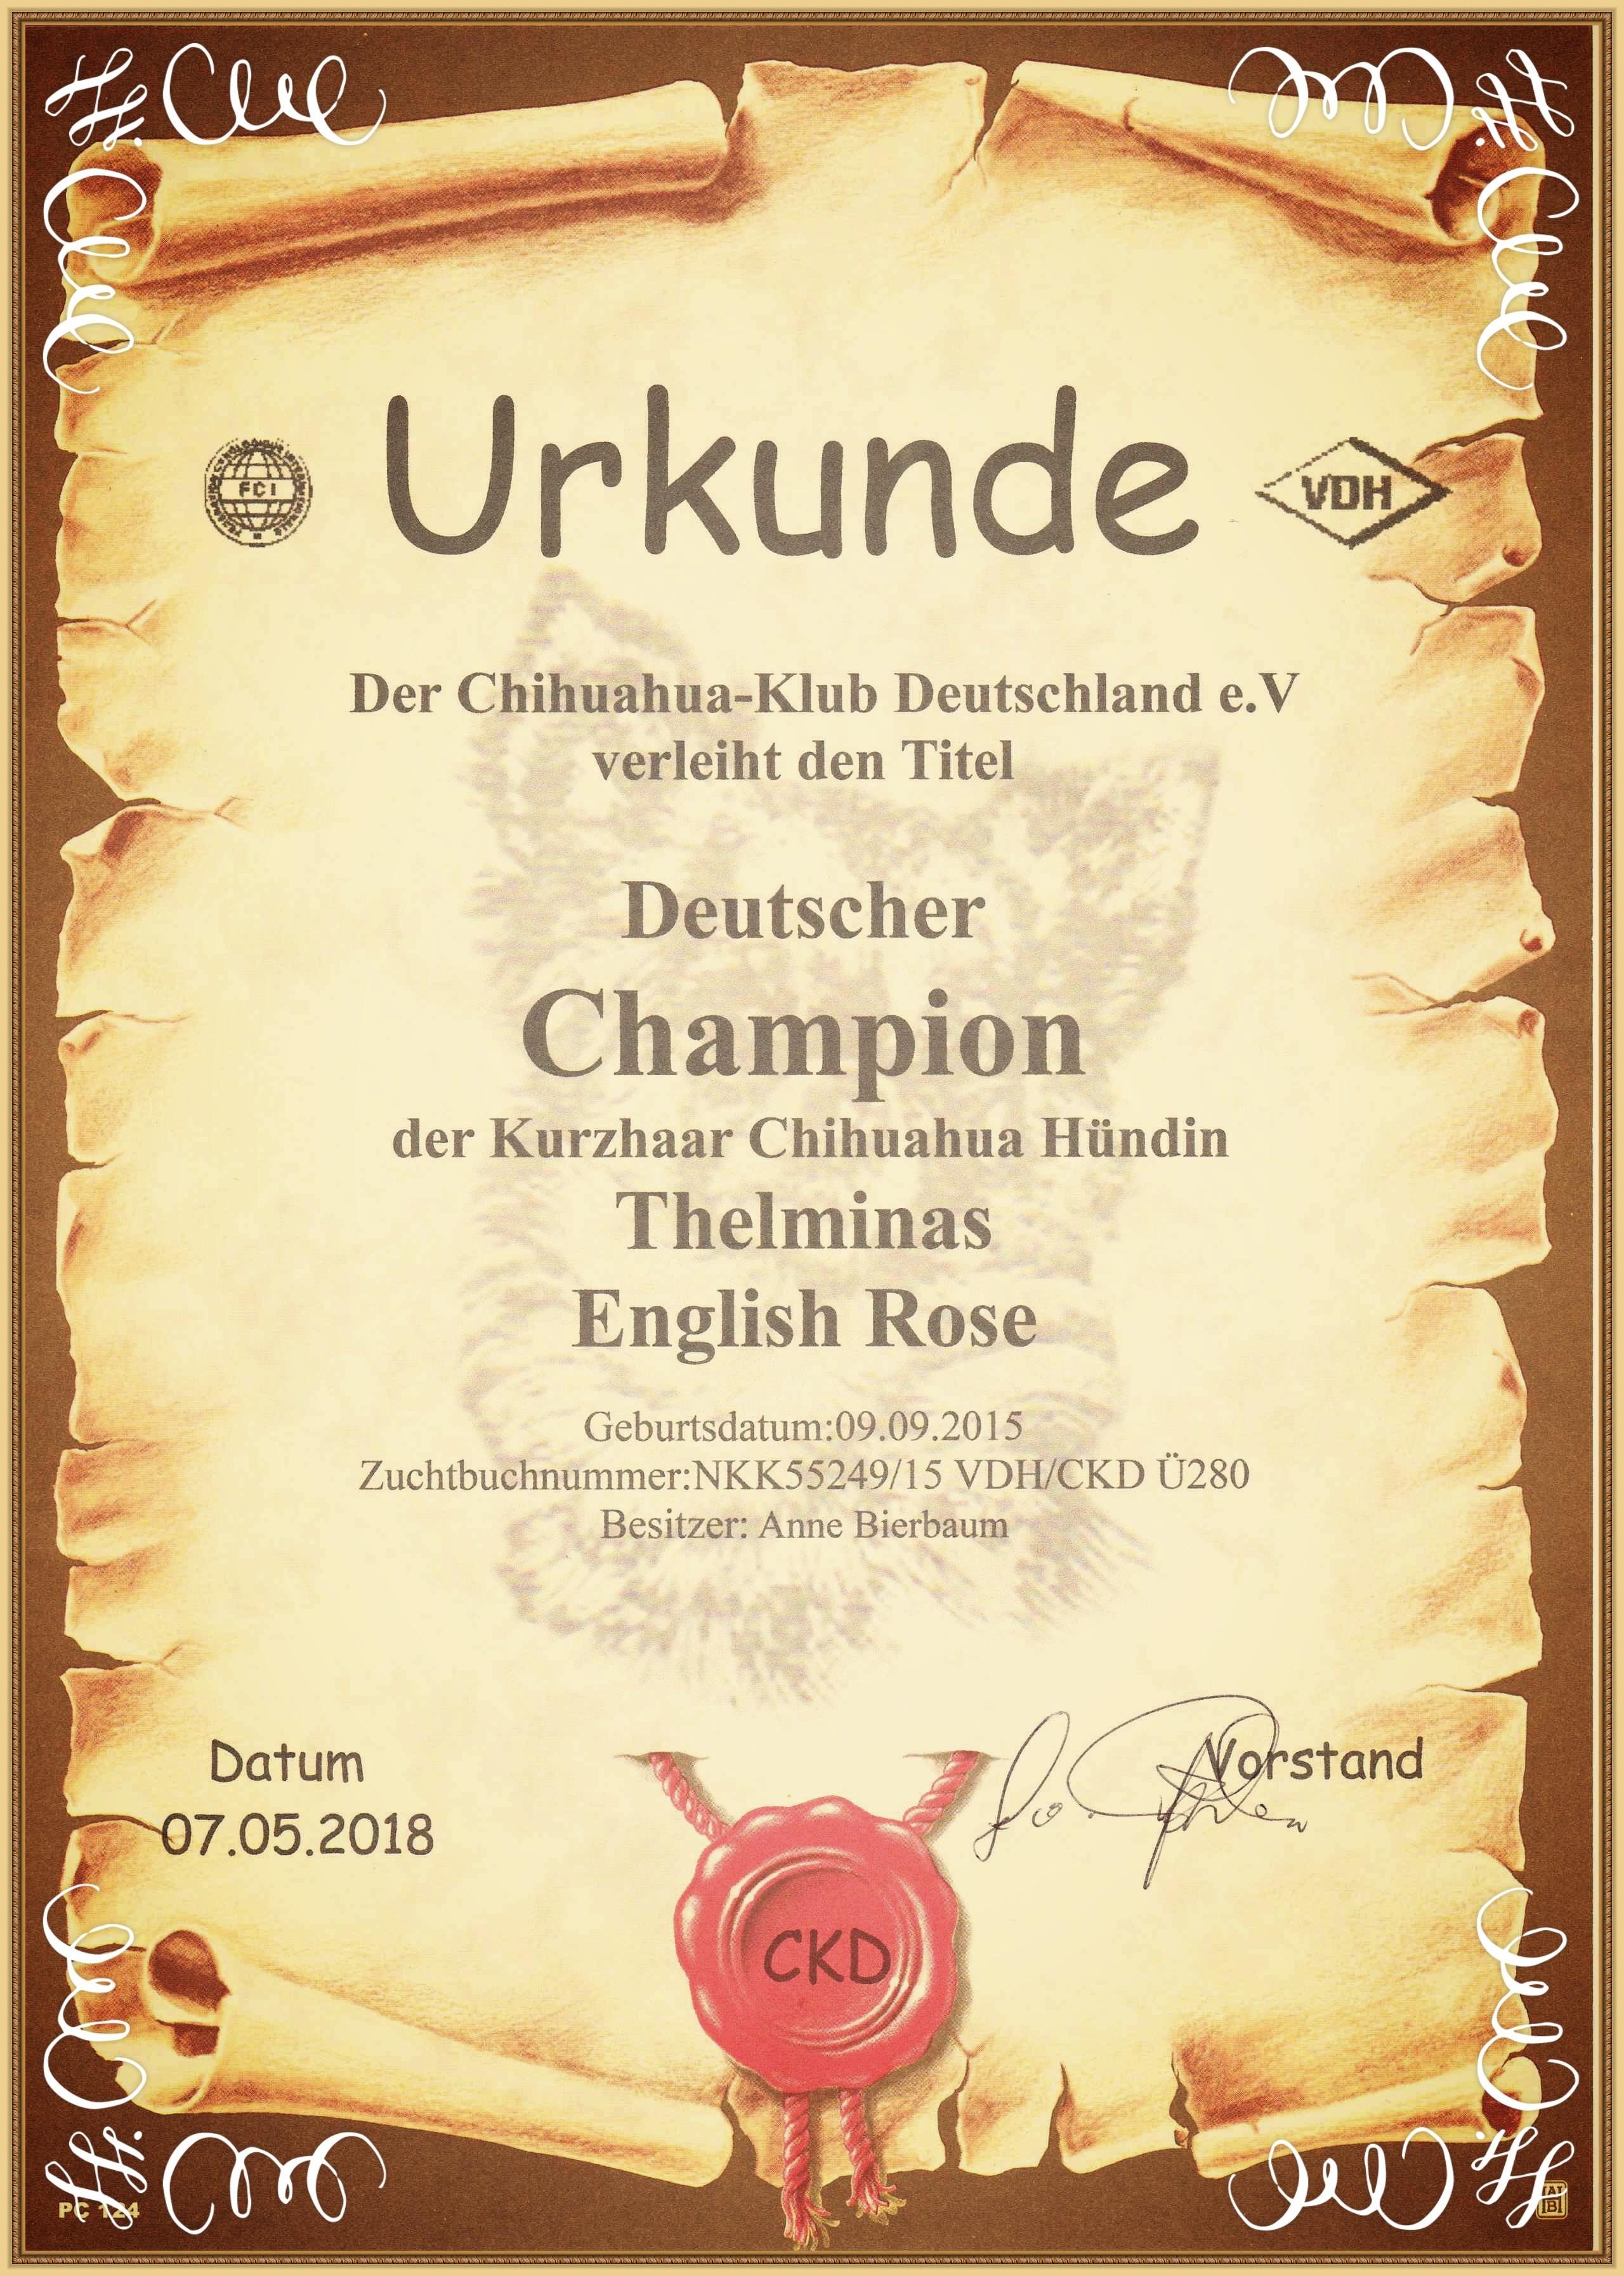 Deutscher Champion CKD